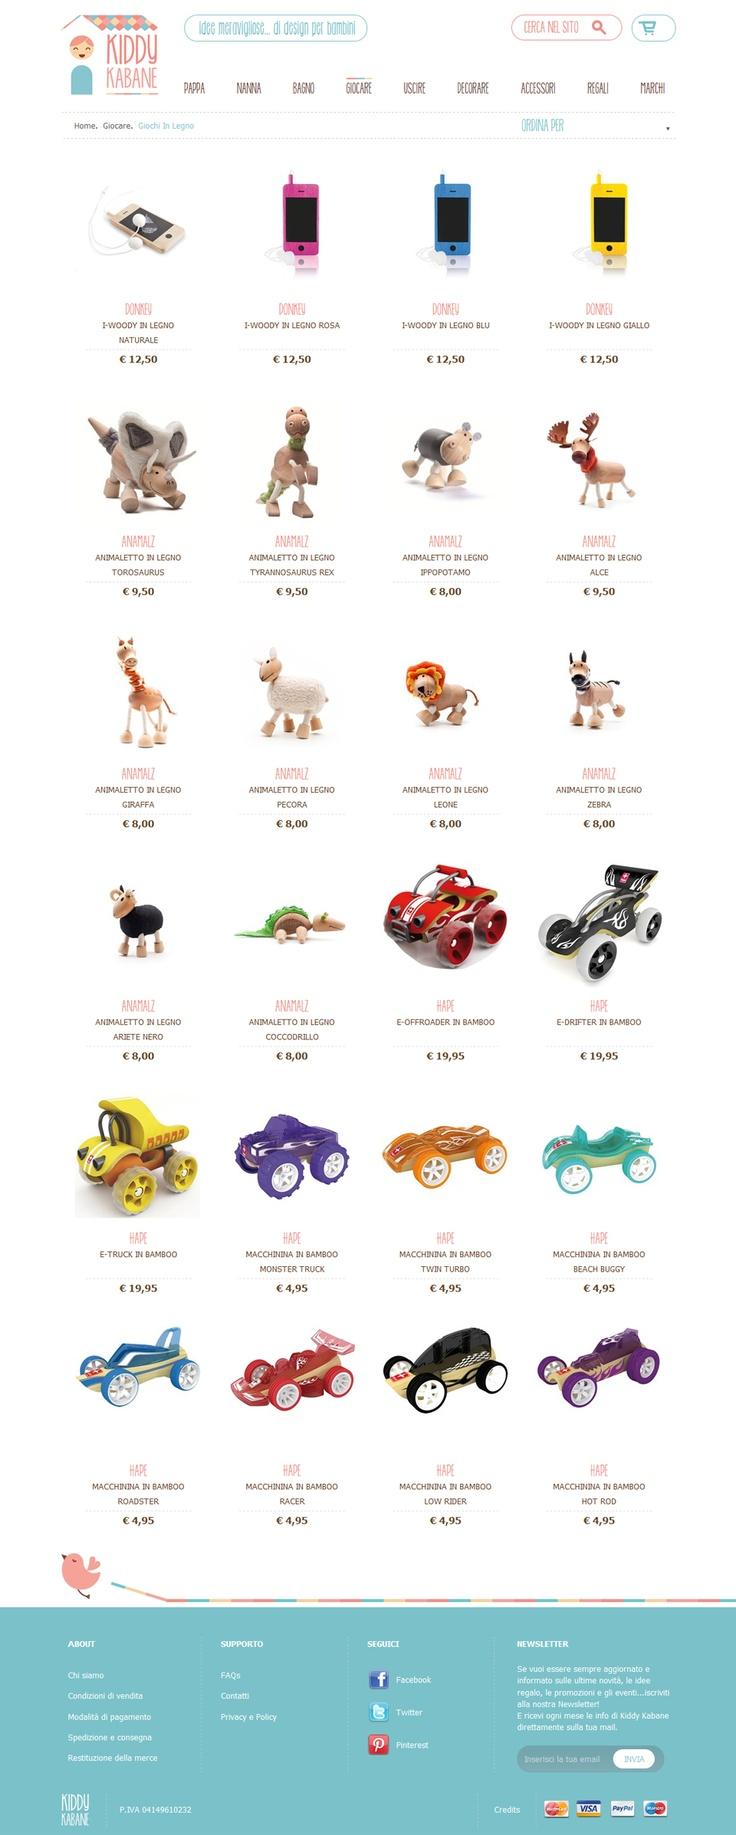 Il catalogo dell'e-commerce. Il web design è semplice, caratterizzato da una combinazione di colori molto delicata, che mette in massimo risalto prodotti e contenuti.